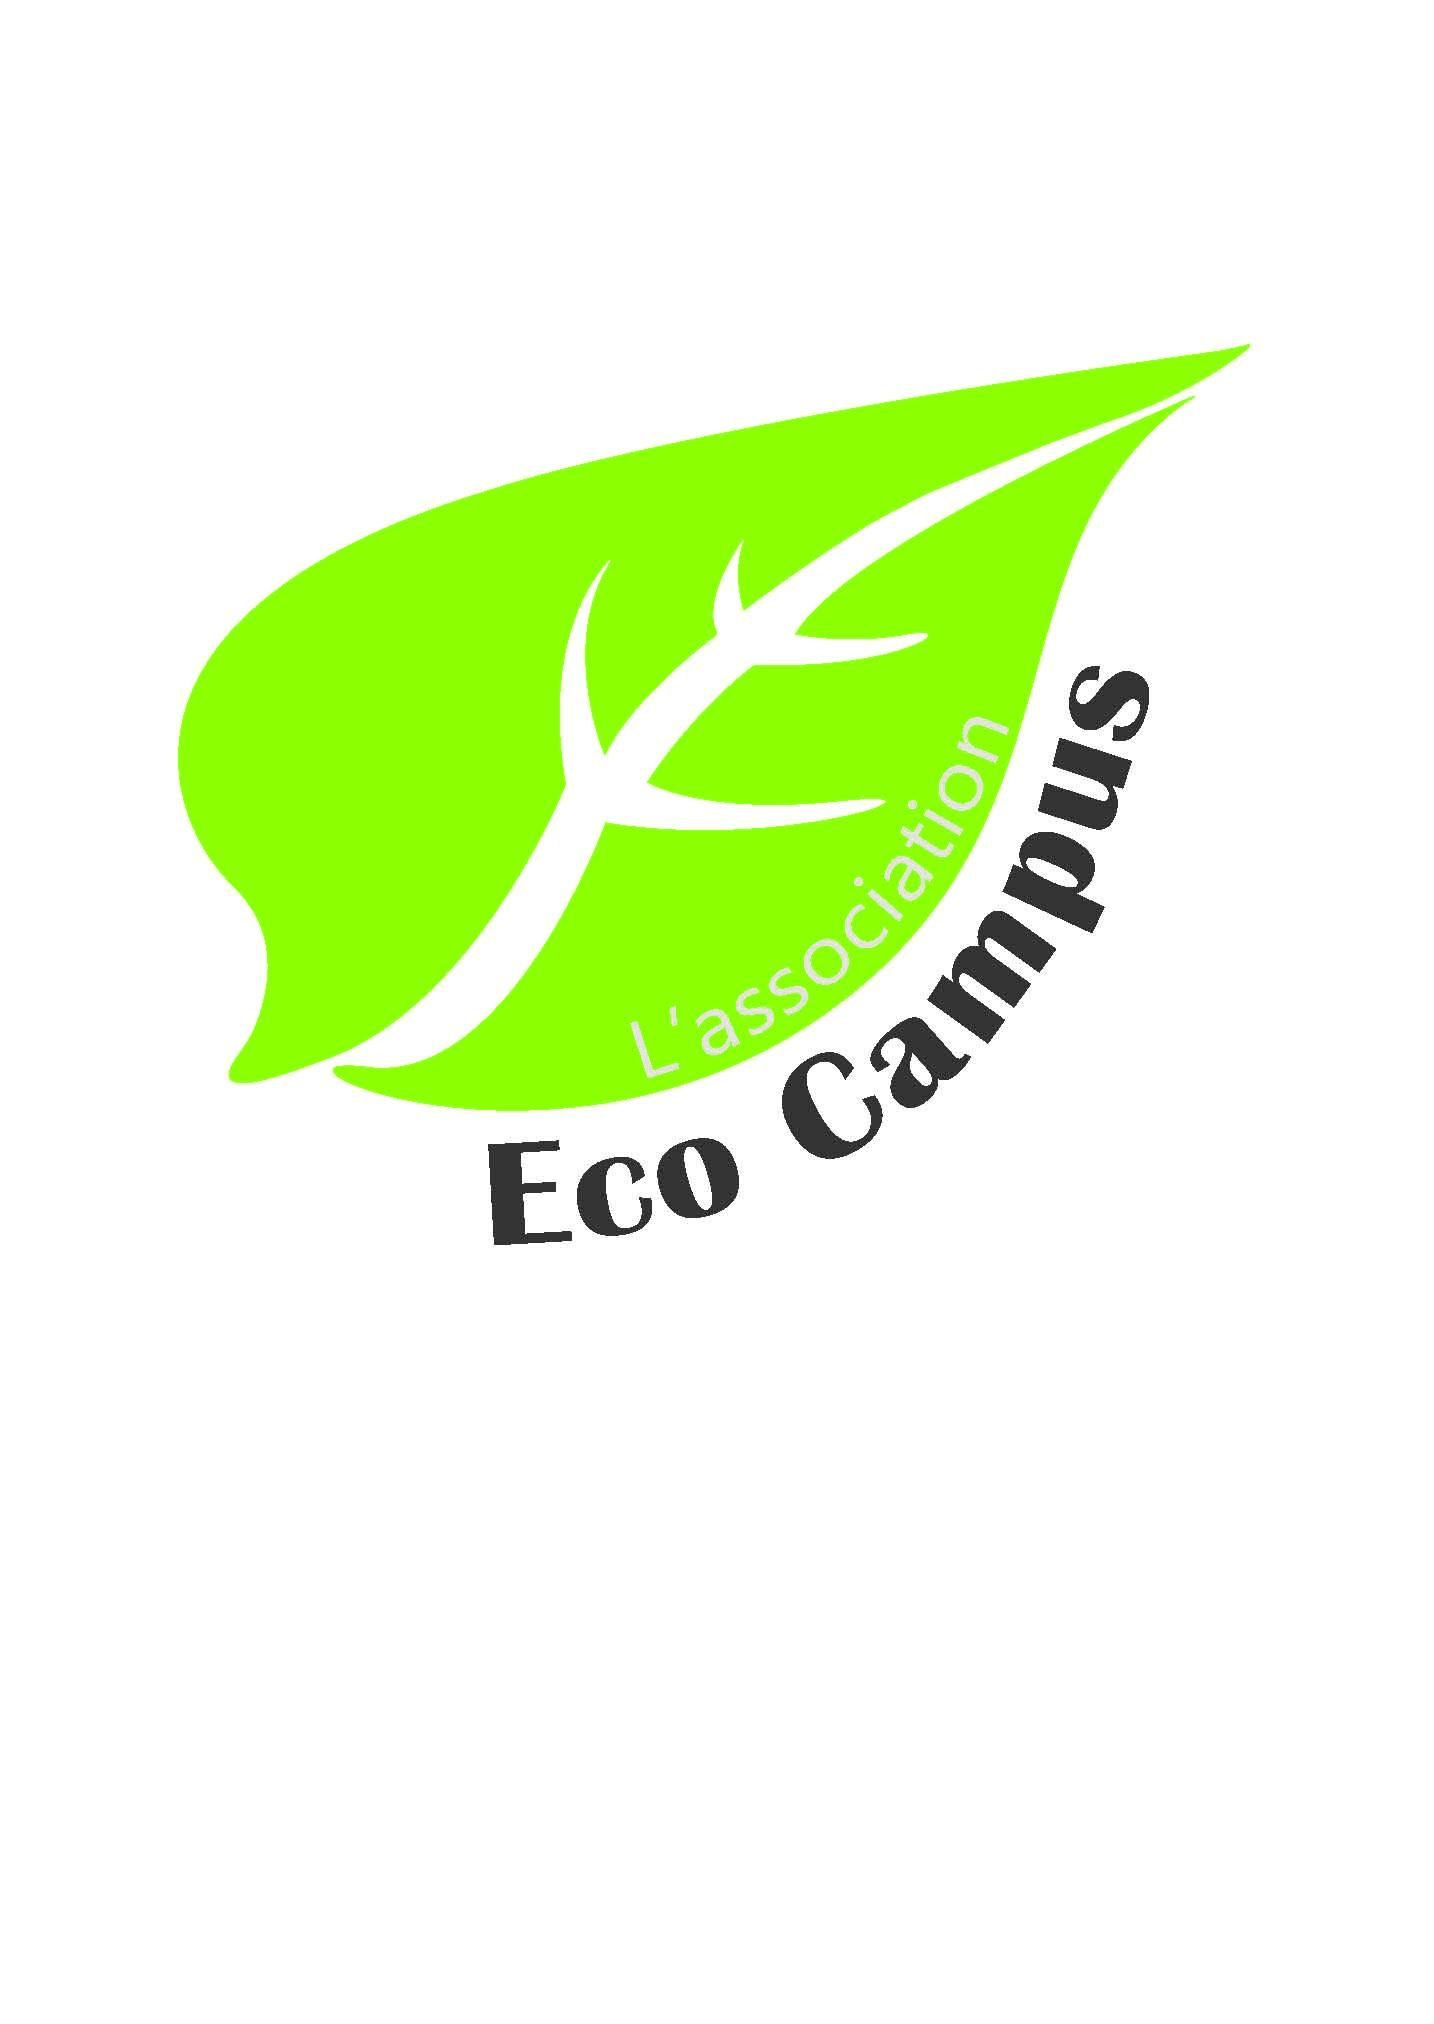 Ecocampus l'association